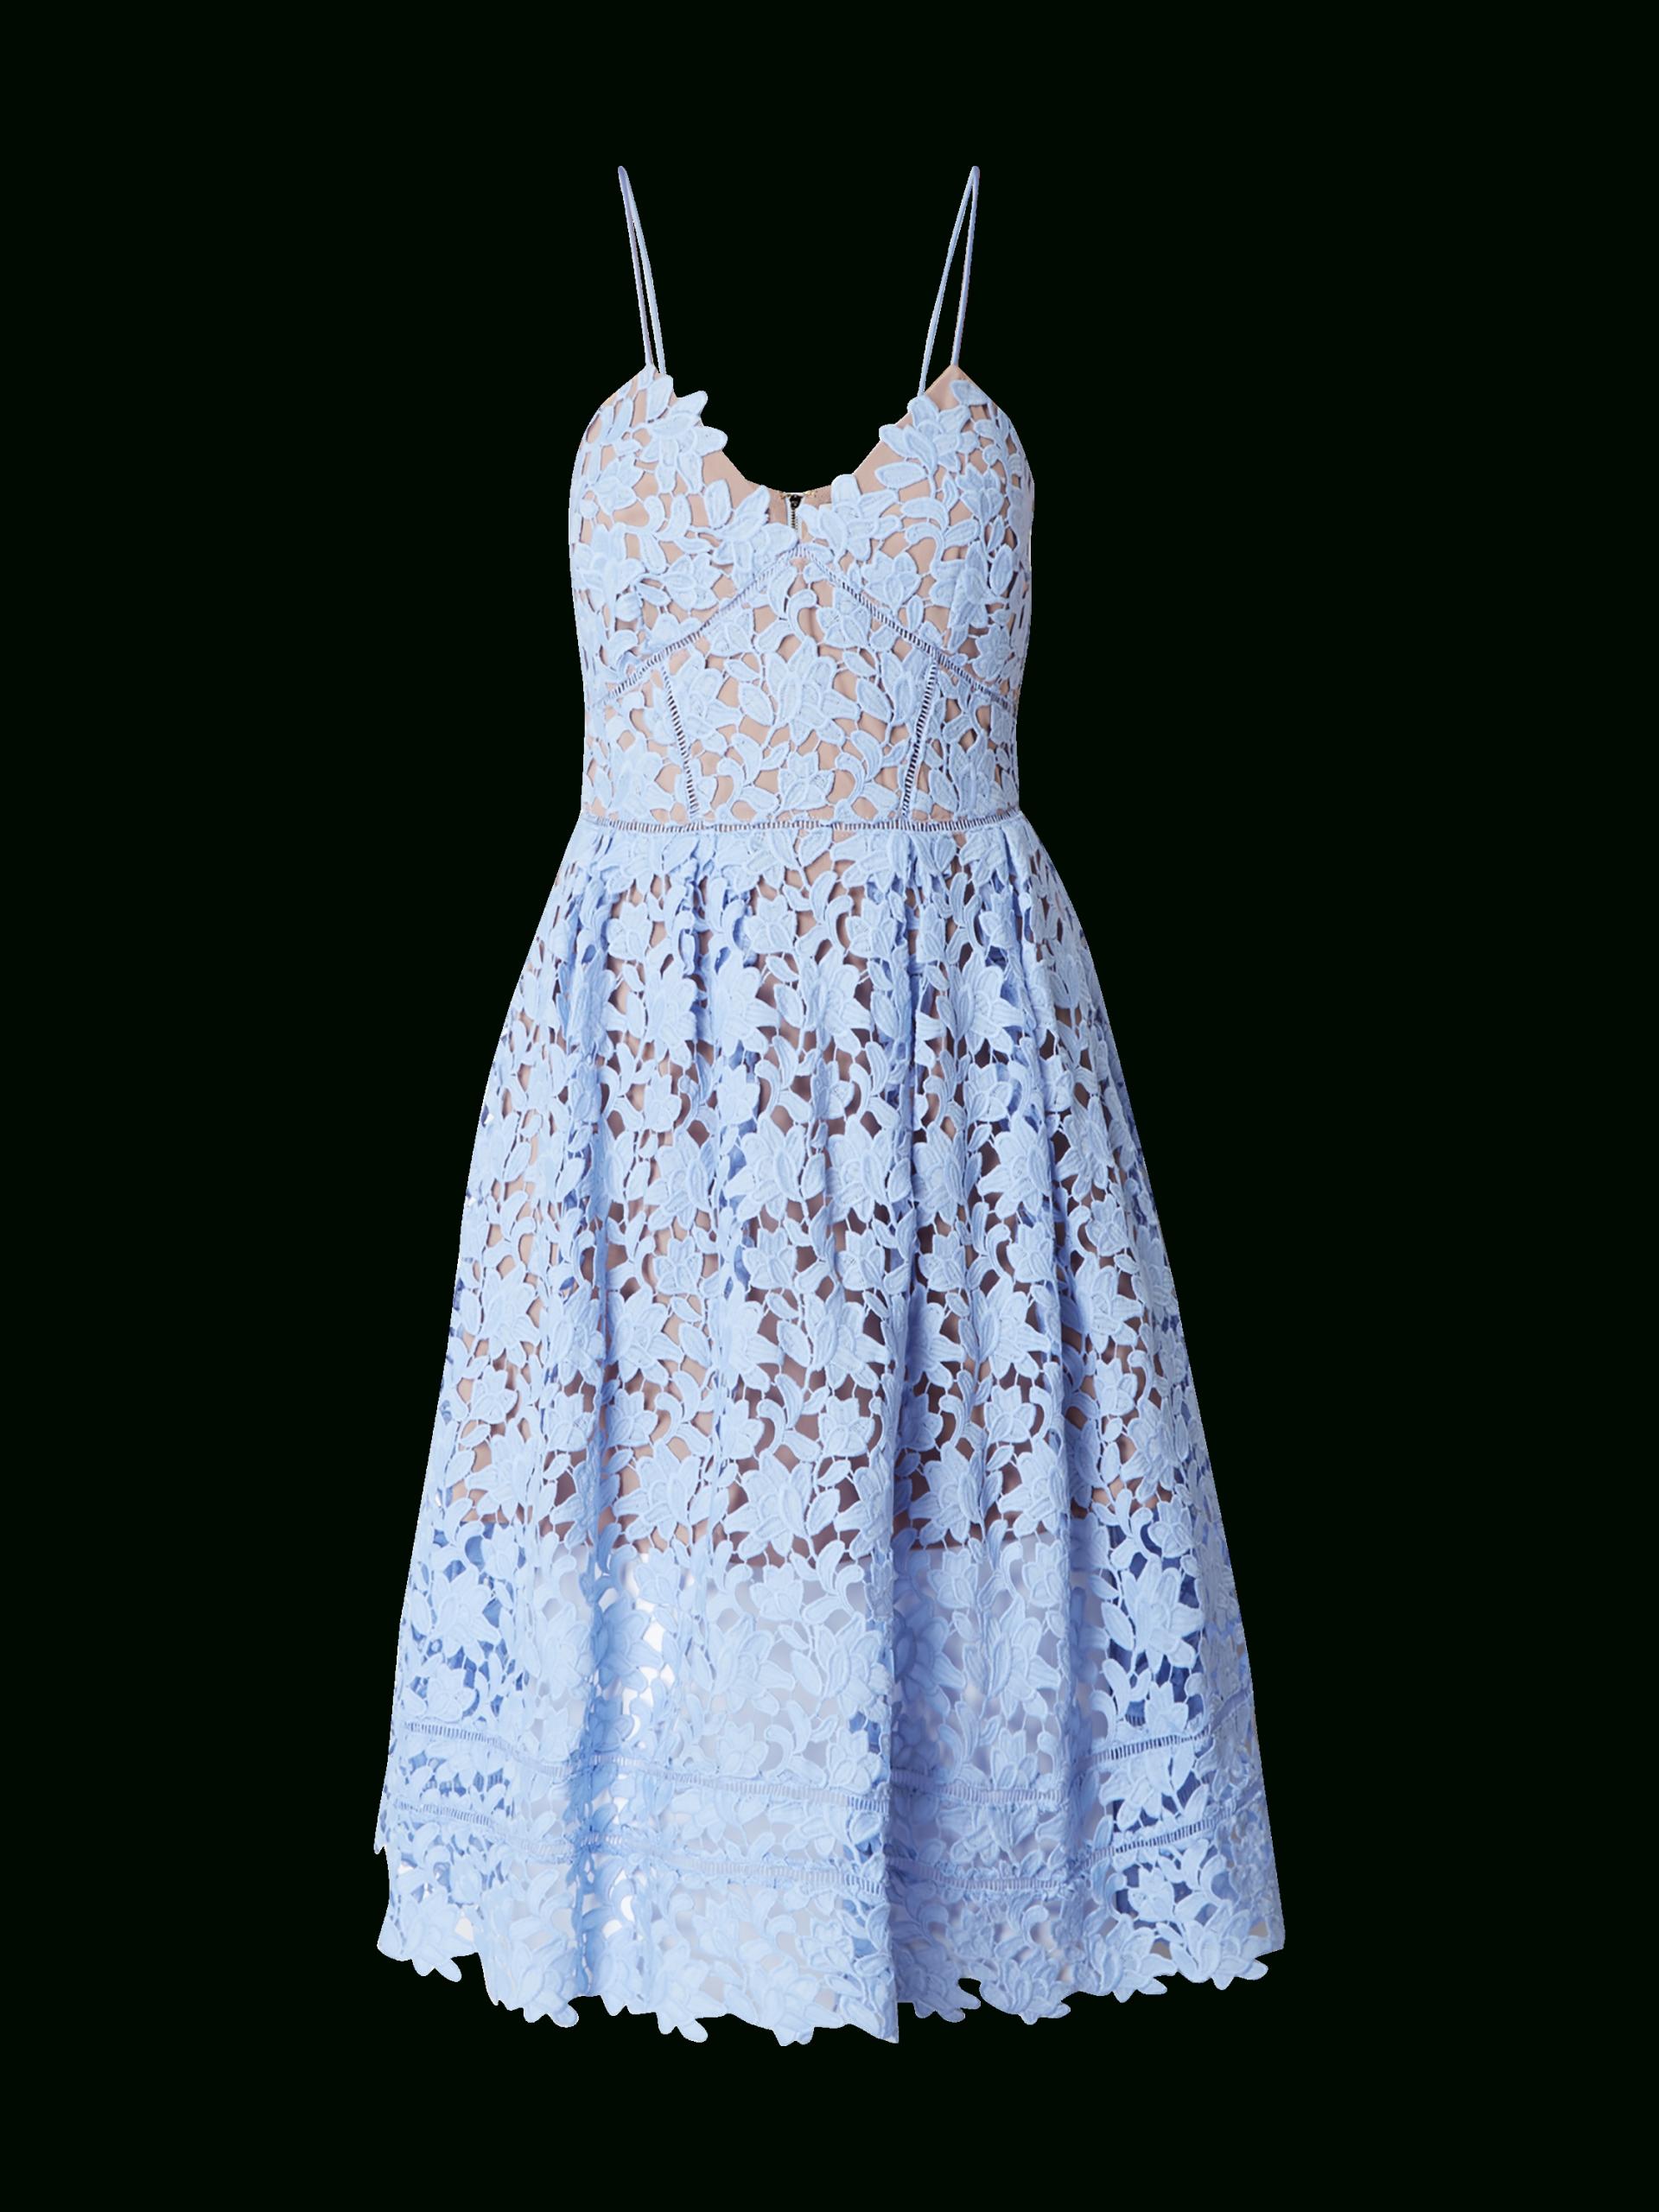 Designer Einzigartig Hallhuber Abendkleid Design - Abendkleid